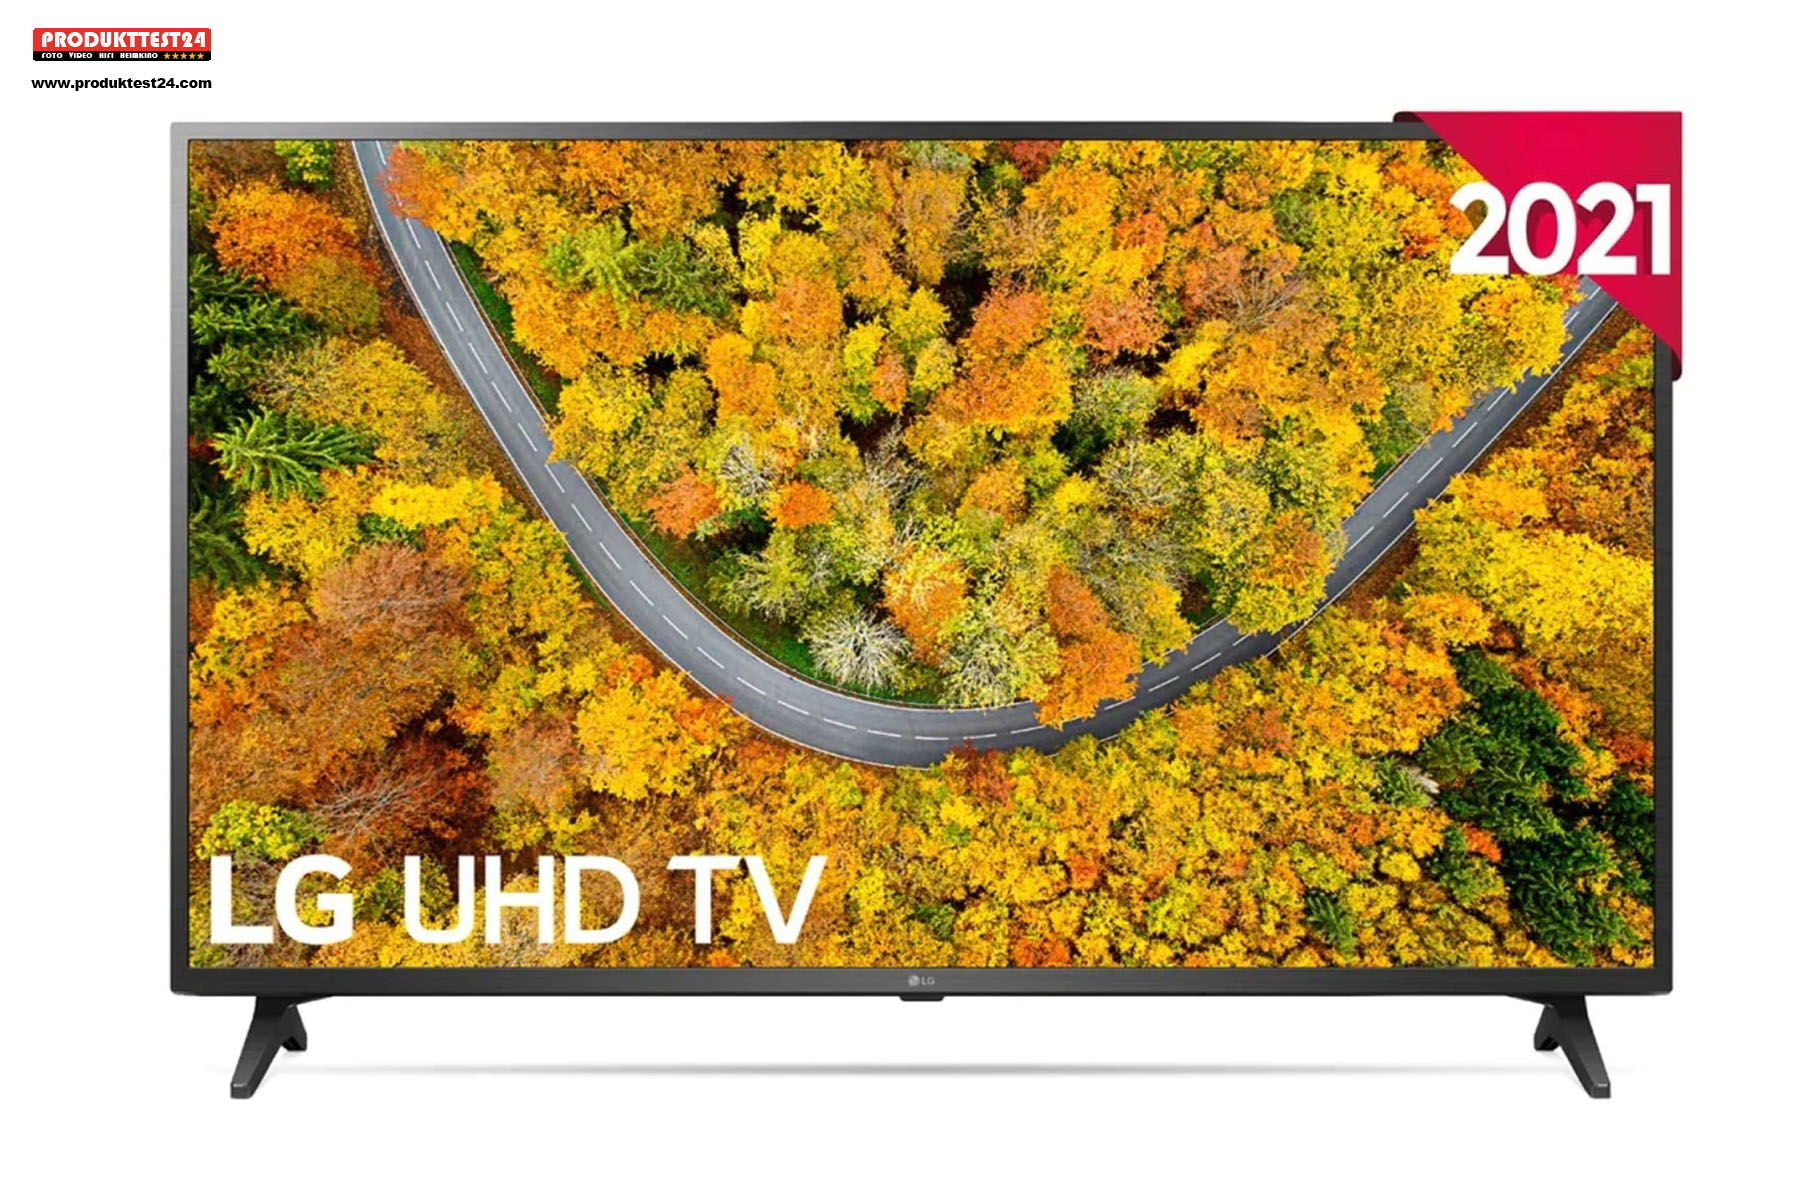 Der LG 50UP75009LF bietet ein gutes Bild sowie eine gute Smart TV Ausstattung